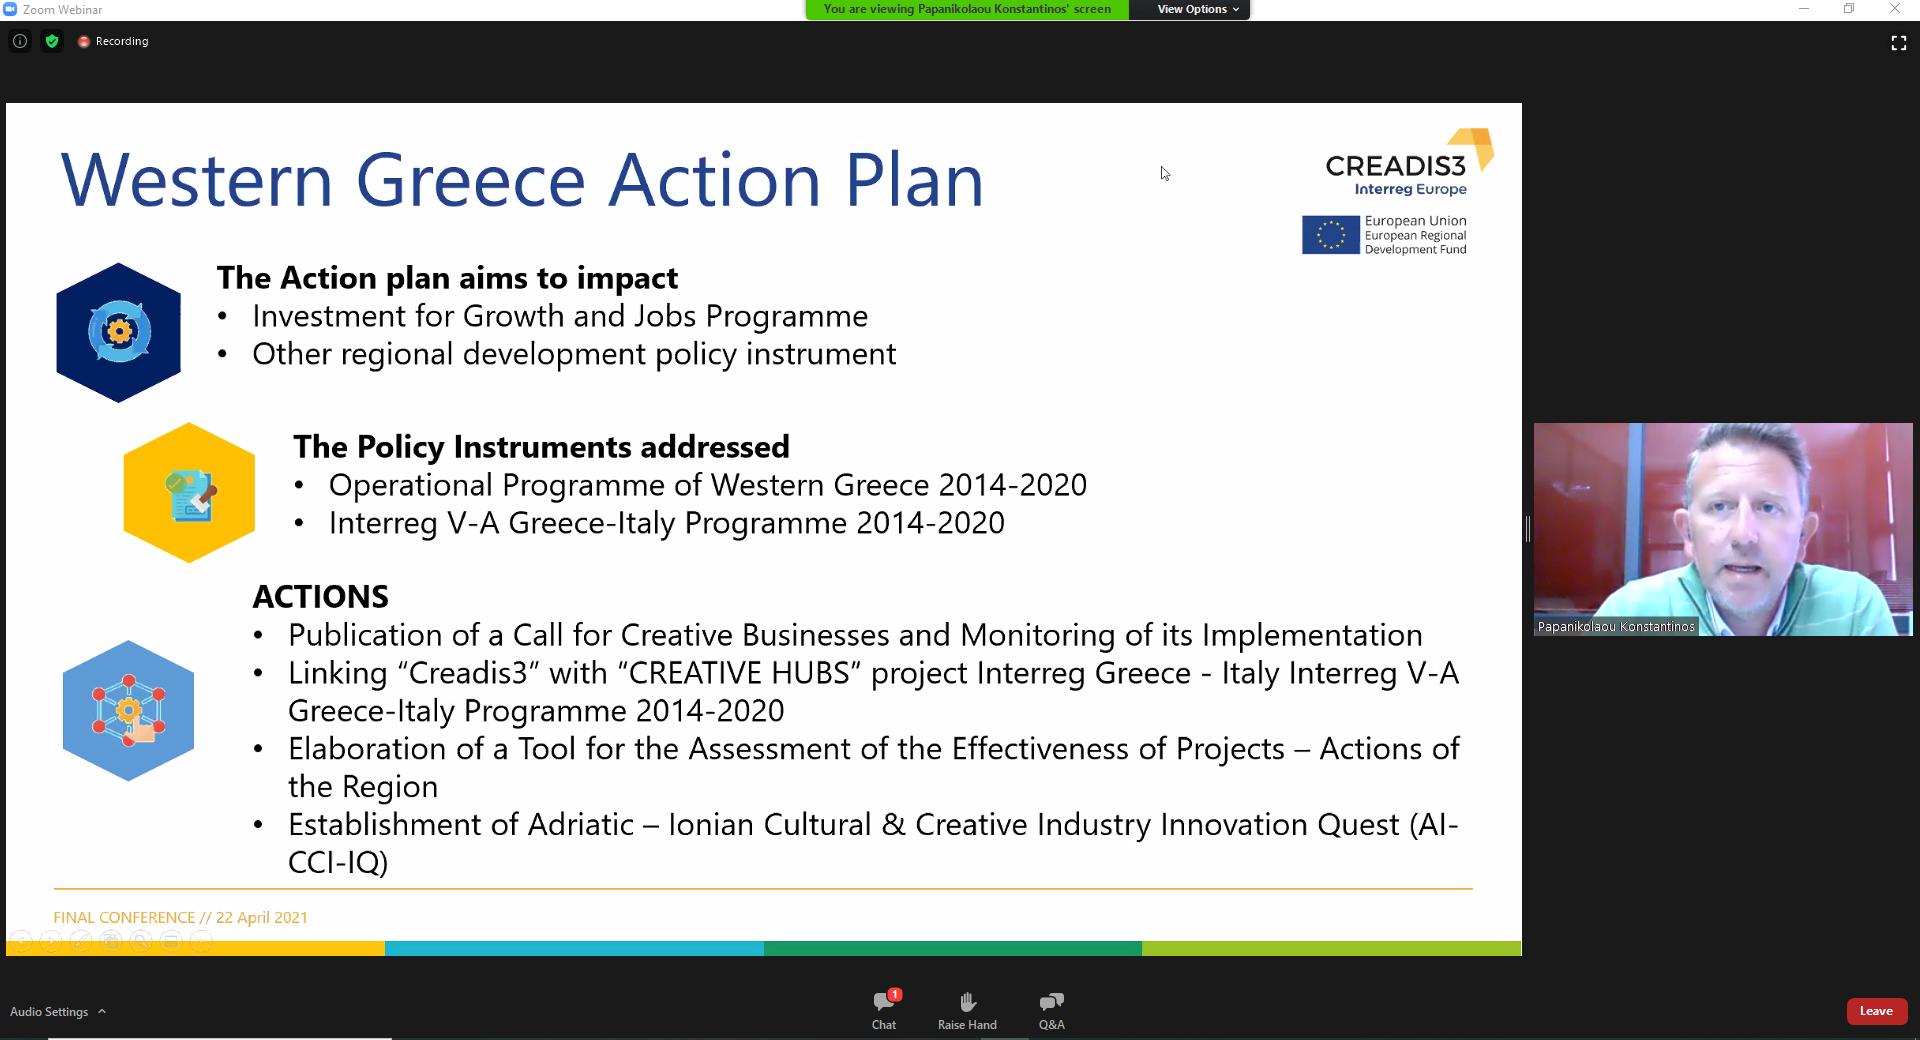 ΠΔΕ: Ολοκληρωμένο σχέδιο δράσης για τις δημιουργικές επιχειρήσεις της Δυτικής Ελλάδας, μέσω του ευρωπαϊκού έργου CREADIS3-Interreg Europe